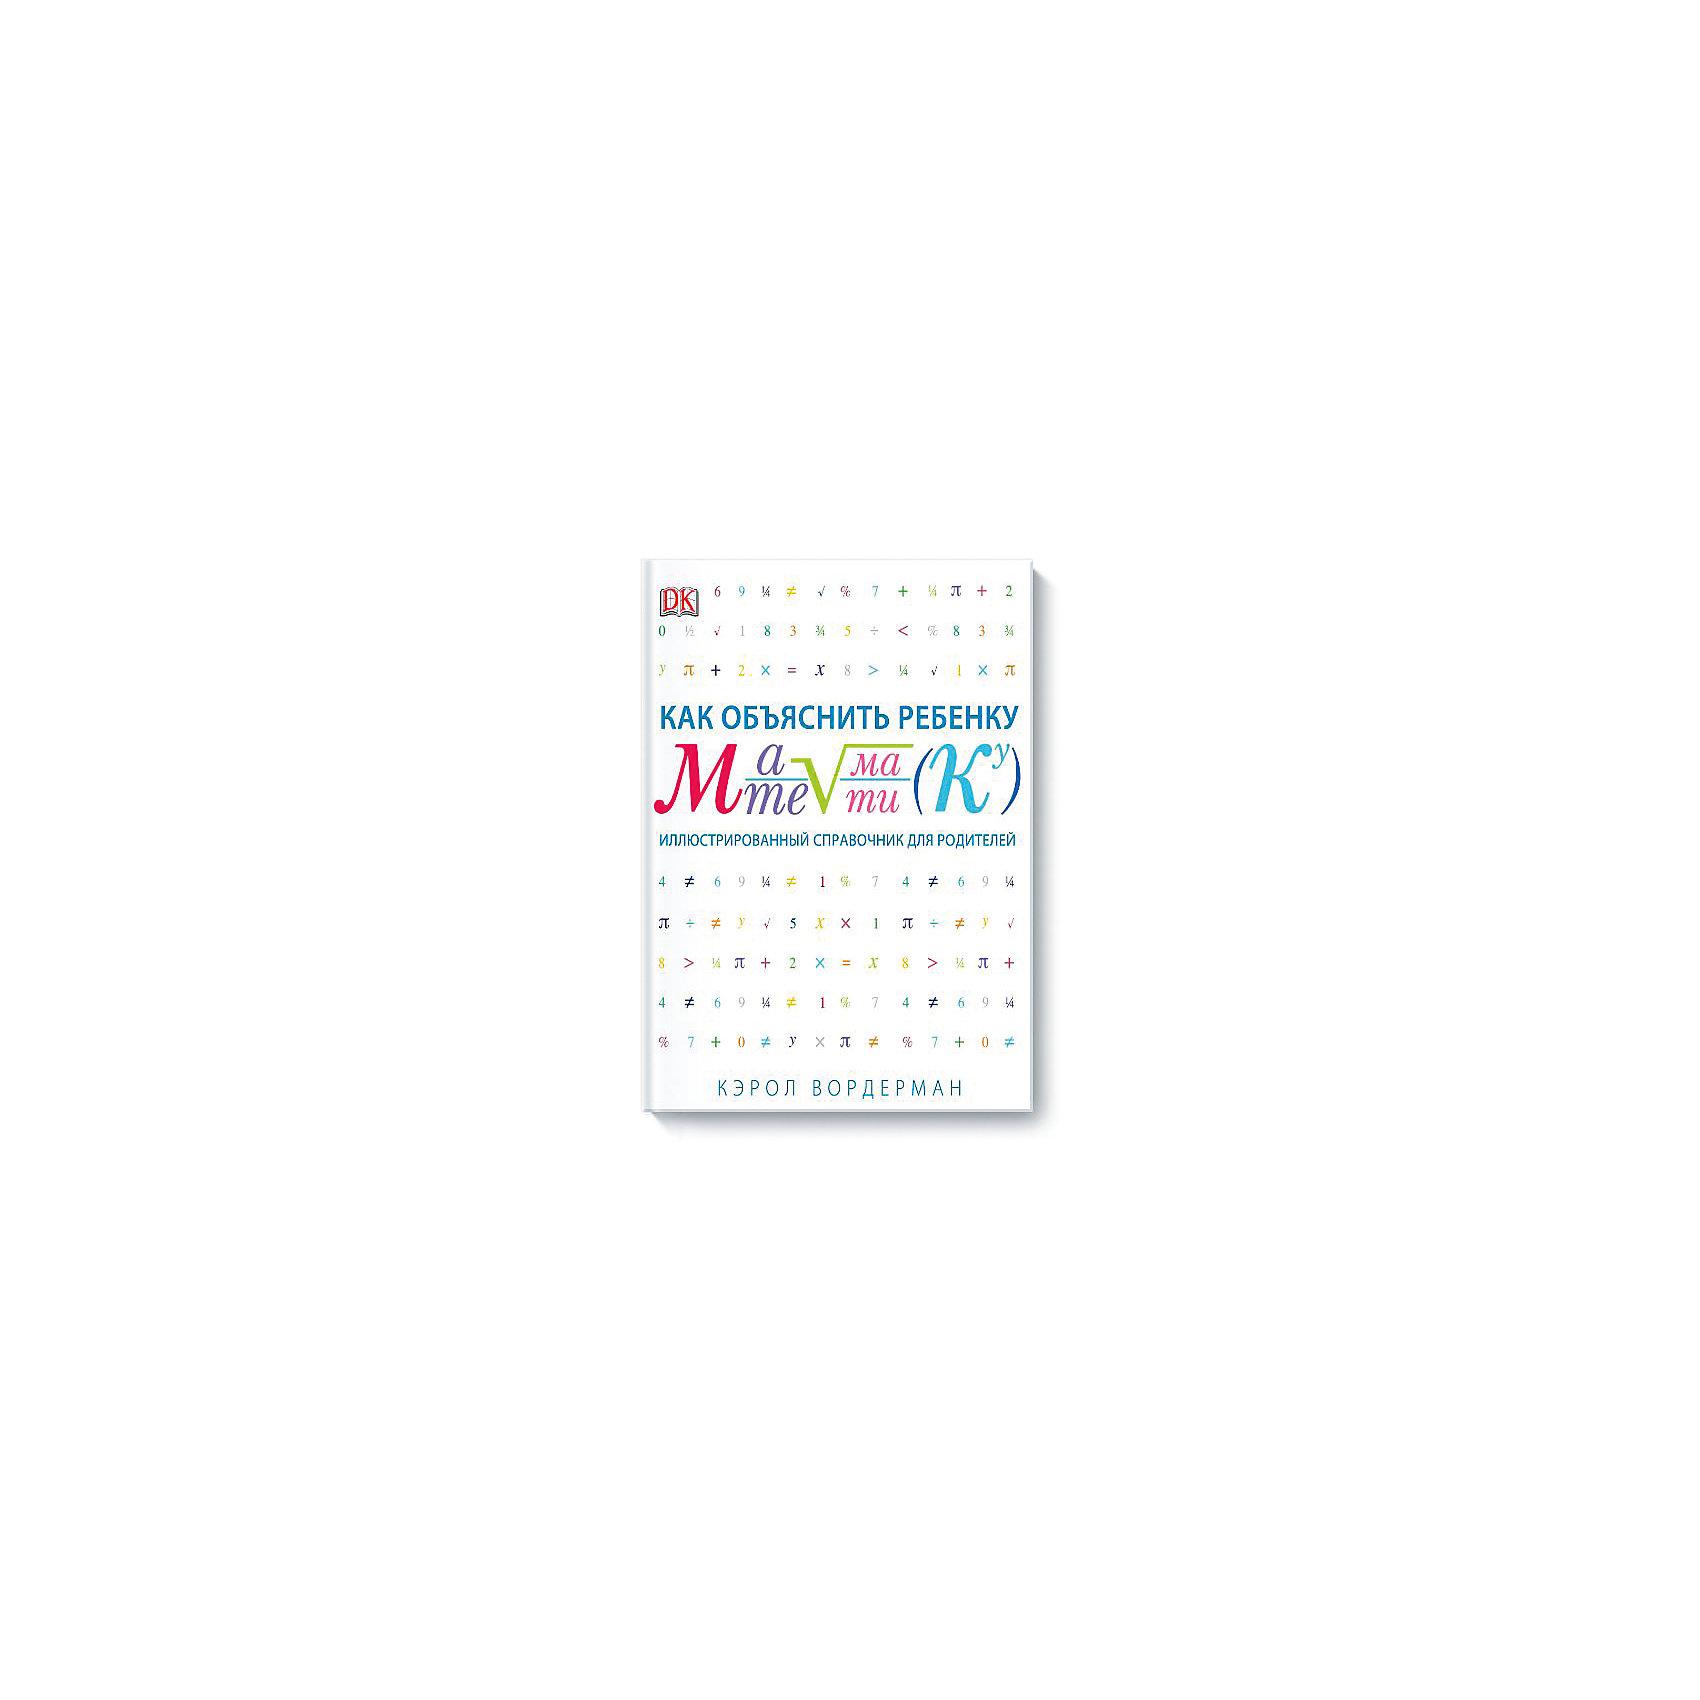 Справочник для родителей Как объяснить ребенку математикуКниги по педагогике<br>Книга написана в помощь родителям, которые не знают, как объяснить детям основные понятия математики, геометрии, тригонометрии, статистики.  Здесь в доступной, наглядной форме излагается теоретический материал, с которым знакомятся дети в начальной и средней школе.<br><br>Ширина мм: 240<br>Глубина мм: 200<br>Высота мм: 180<br>Вес г: 665<br>Возраст от месяцев: 192<br>Возраст до месяцев: 1188<br>Пол: Унисекс<br>Возраст: Детский<br>SKU: 5535118